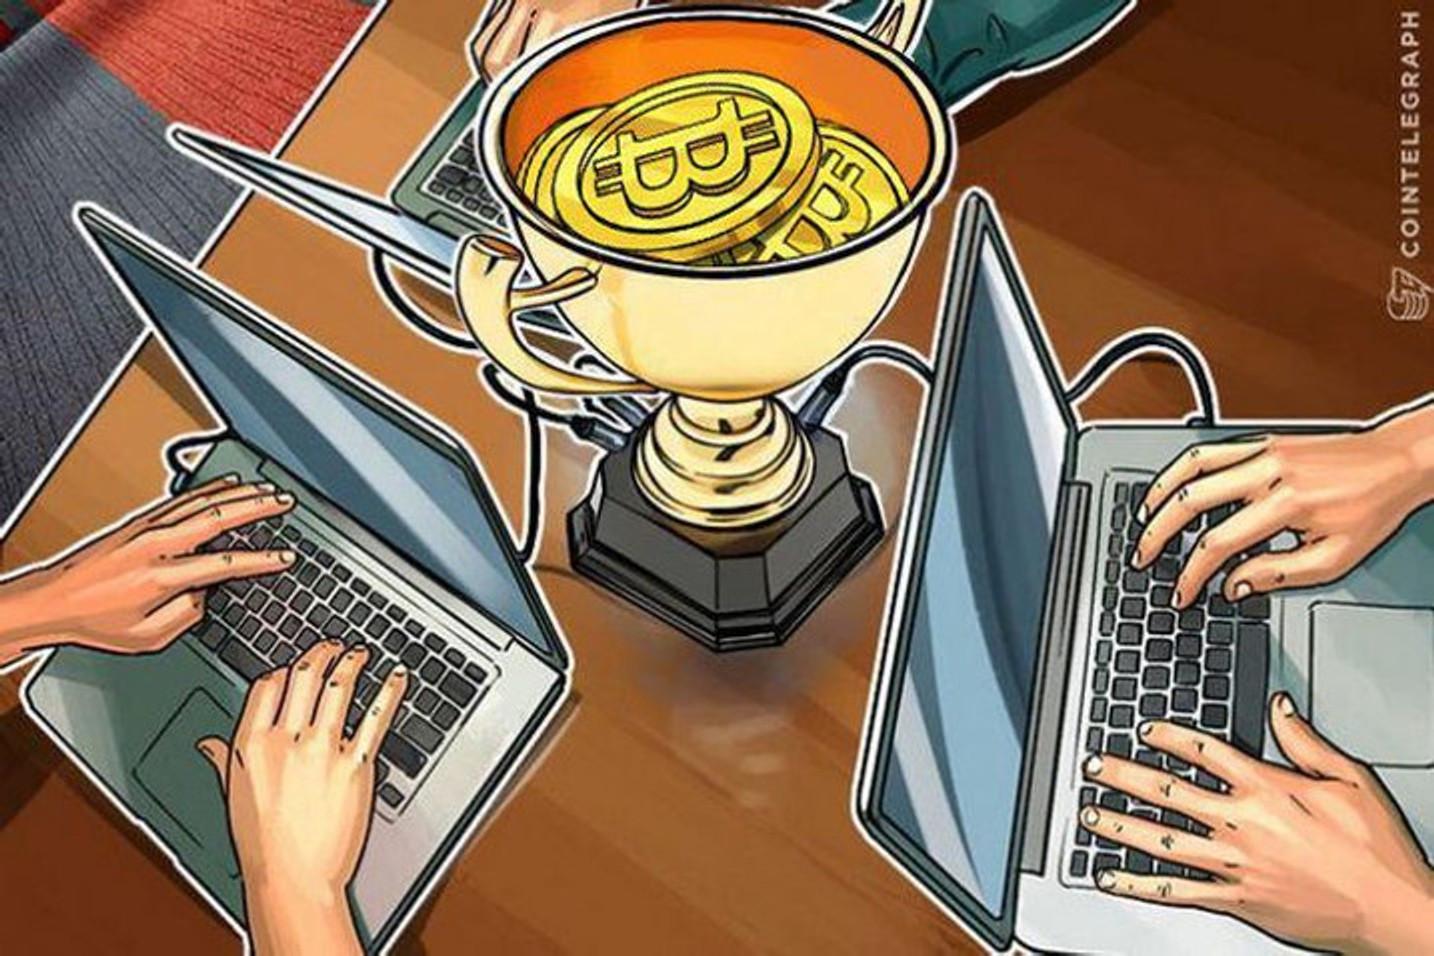 Site de apostas oferece opções sobre adoção do Bitcoin por companhias aéreas e montadoras de veículos